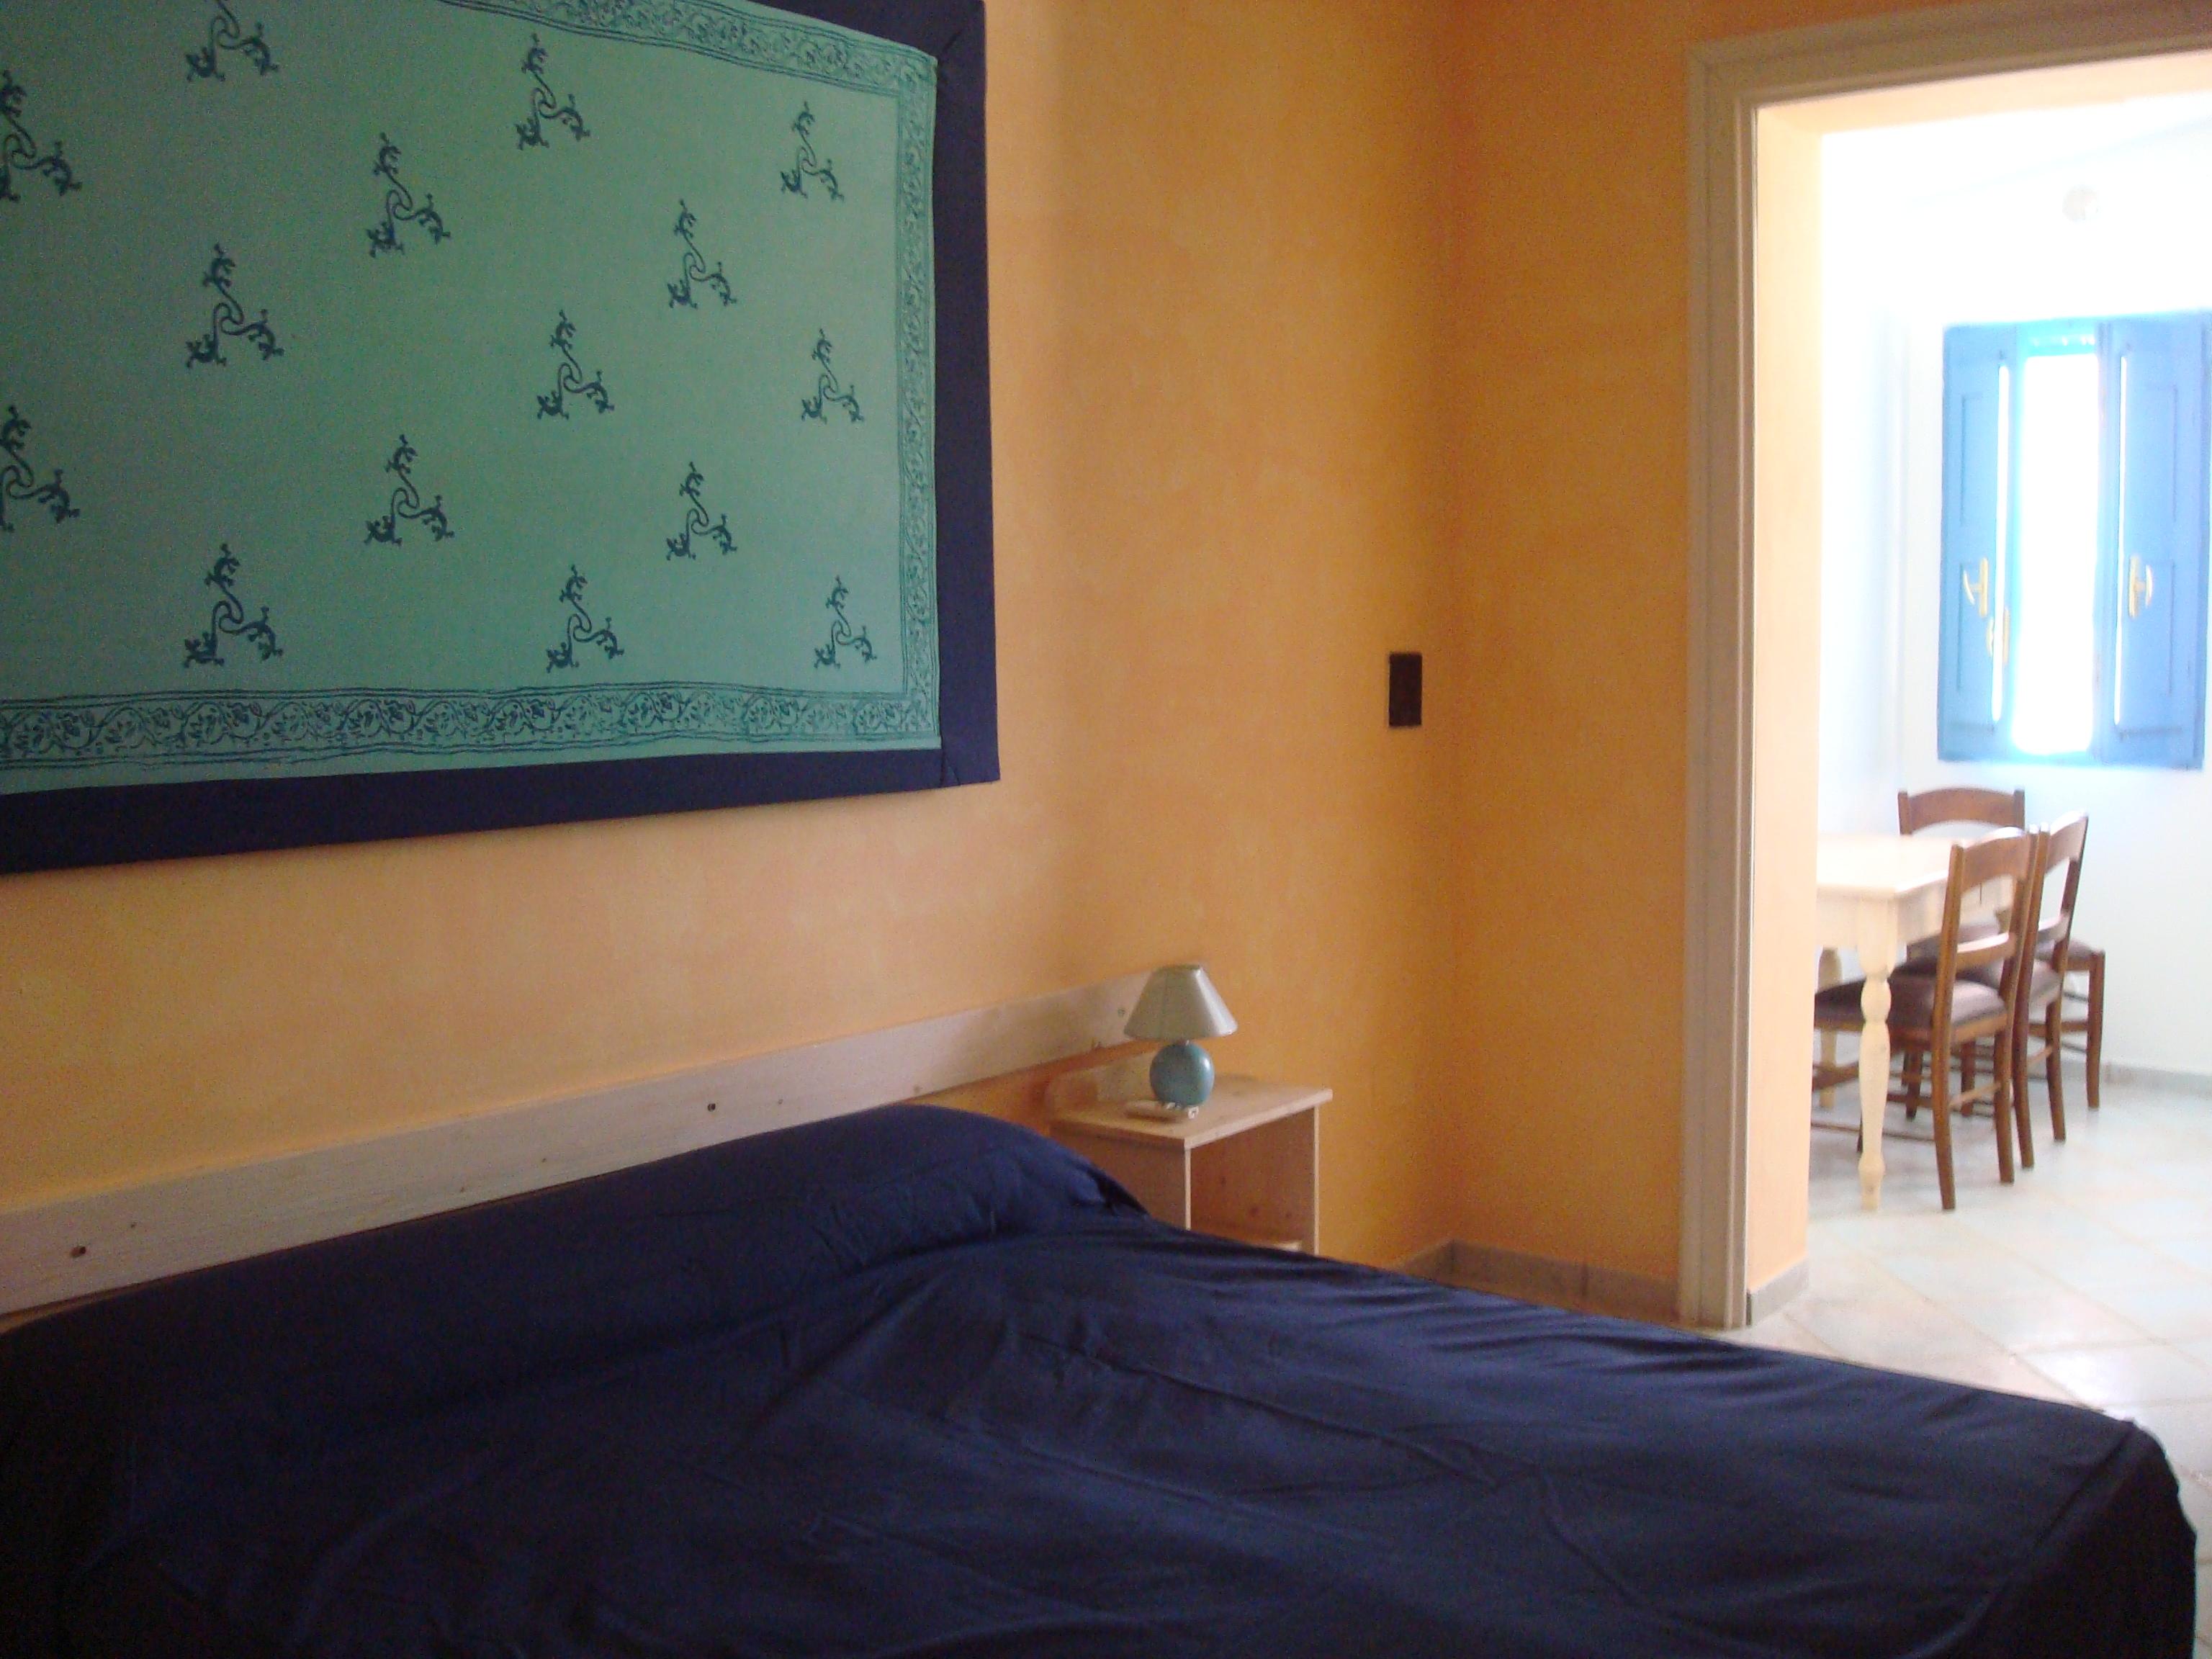 residence_room_cafe.jpg